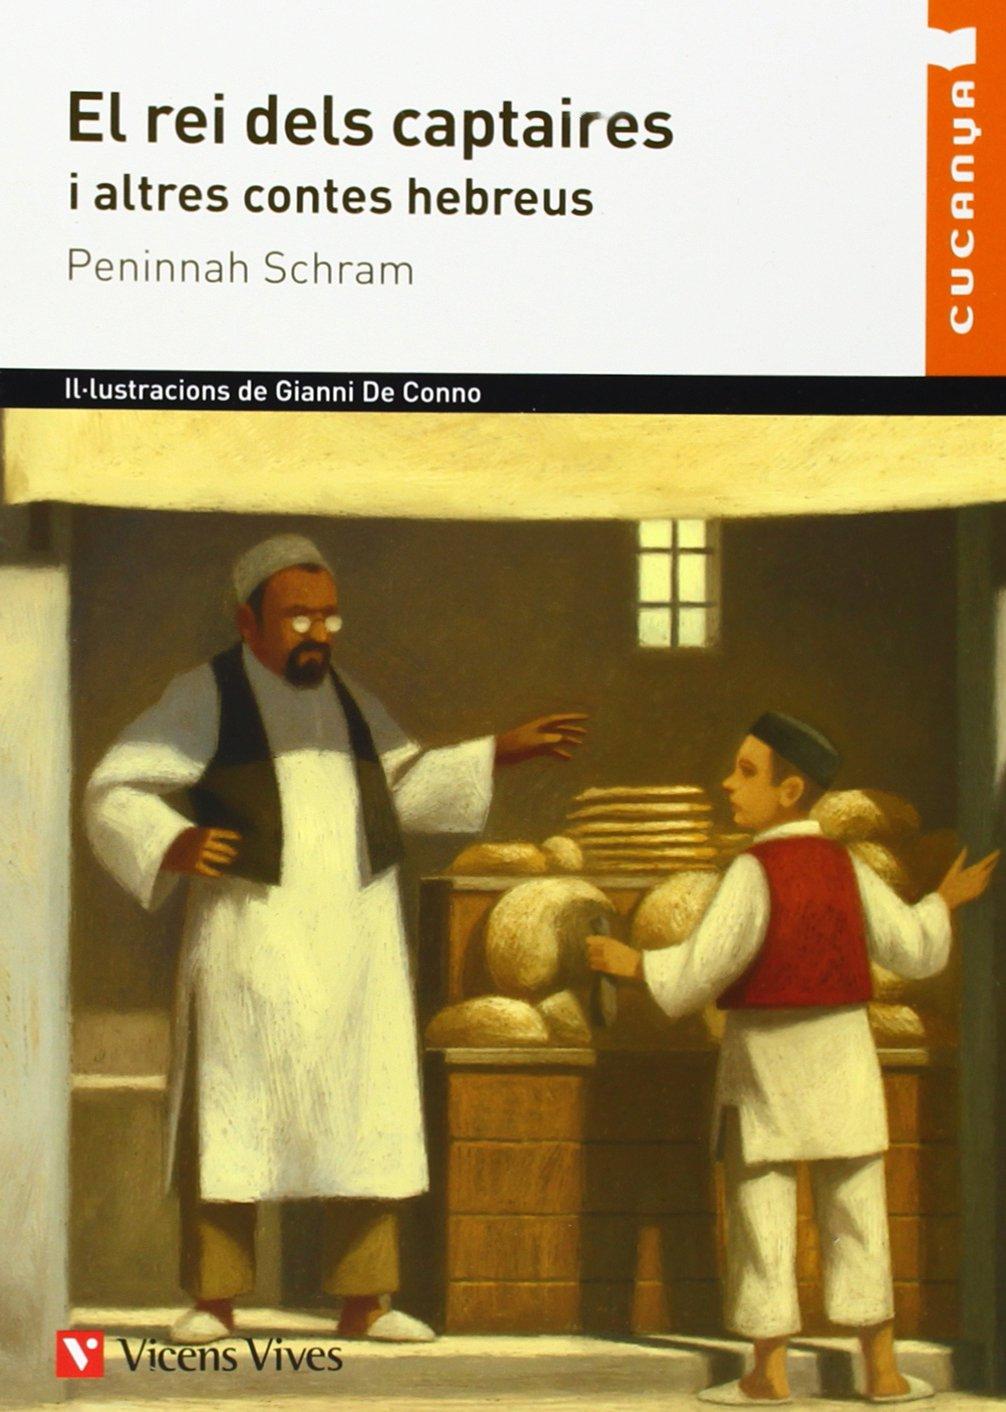 El Rei Dels Captaires Cucanya Col·lecció Cucanya - 9788431699826: Amazon.es: Peninnah Schram, Jesus Jimenez Reinaldo, Gianni De Conno, Adolfo Muñoz Garcia: ...